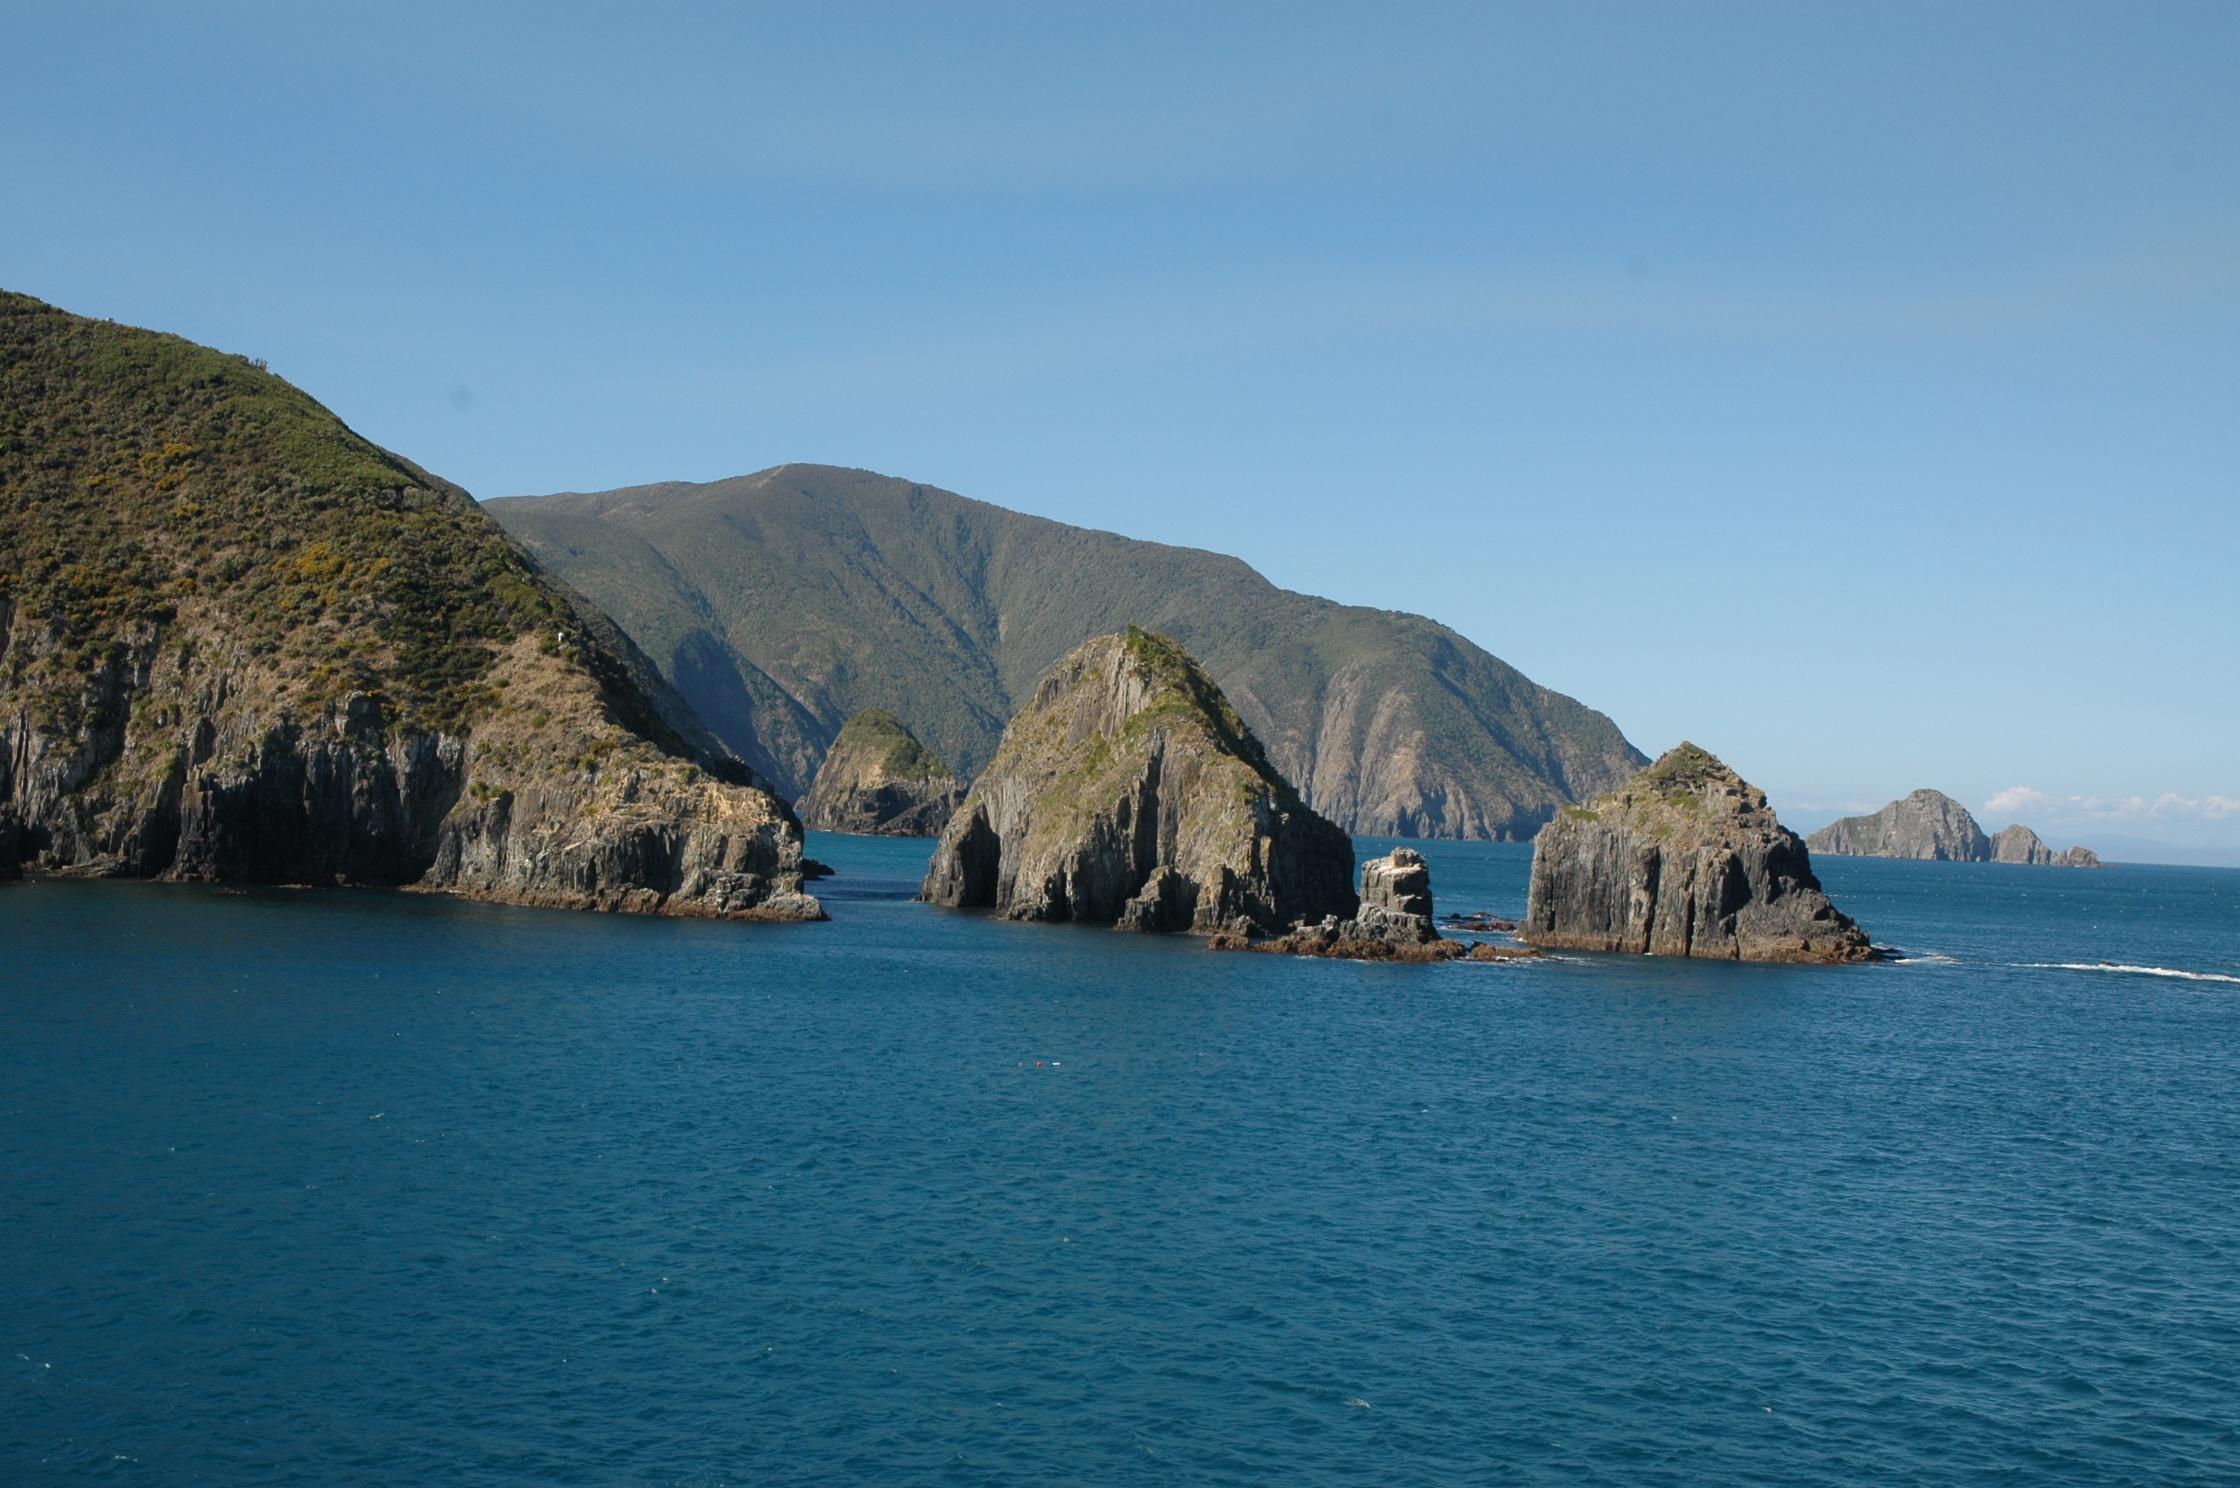 Chegando à Ilha do Sul pelo Marlborough Sounds